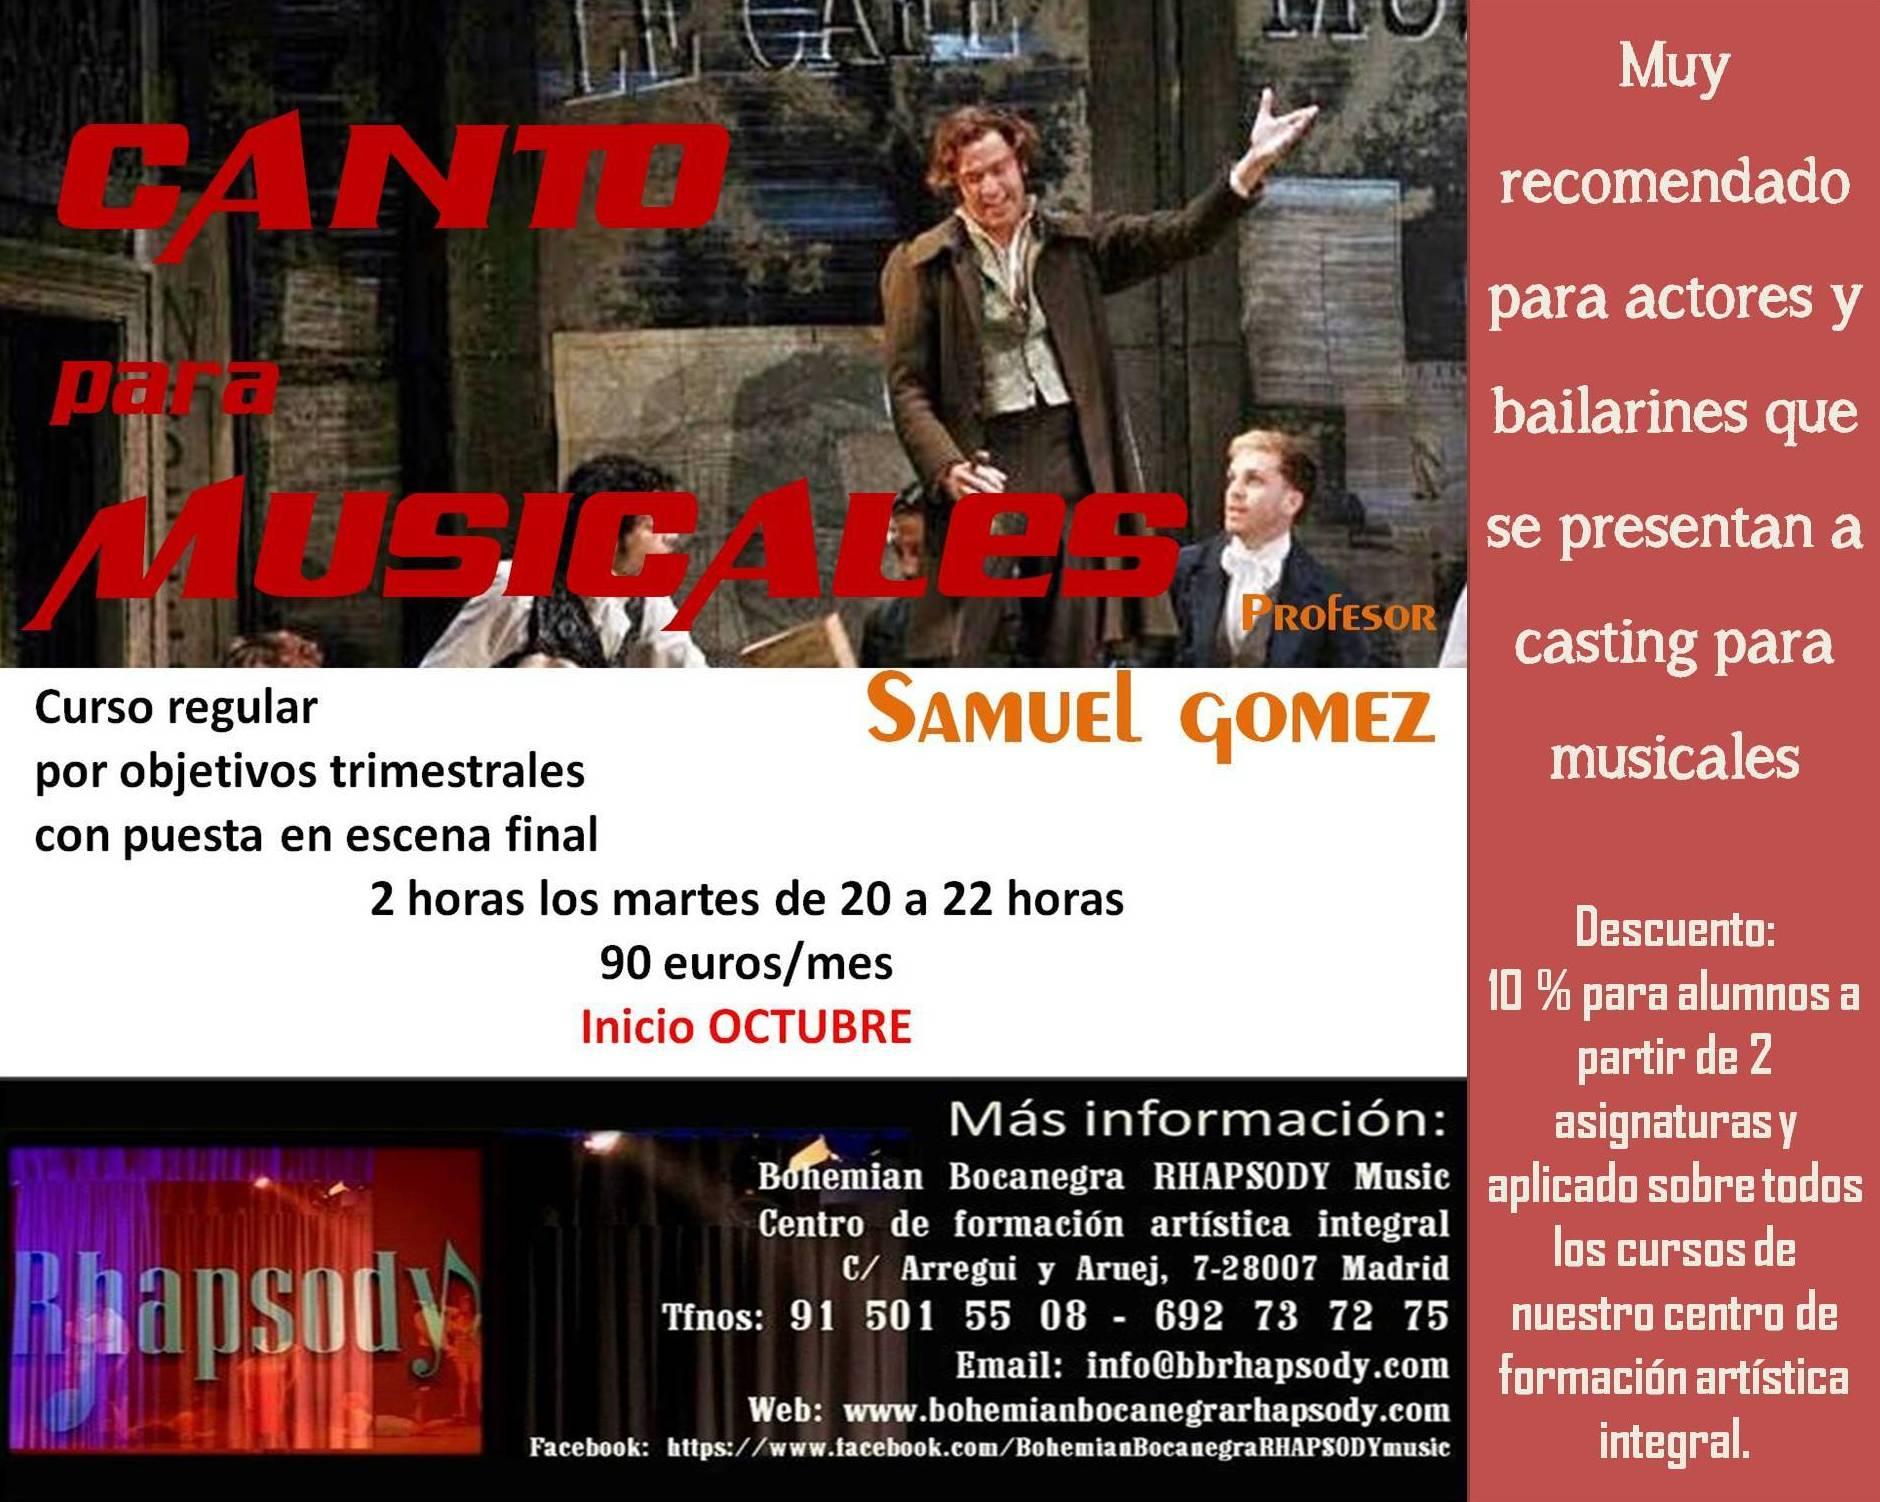 CANTO PARA MUSICALES con SAMUEL GOMEZ